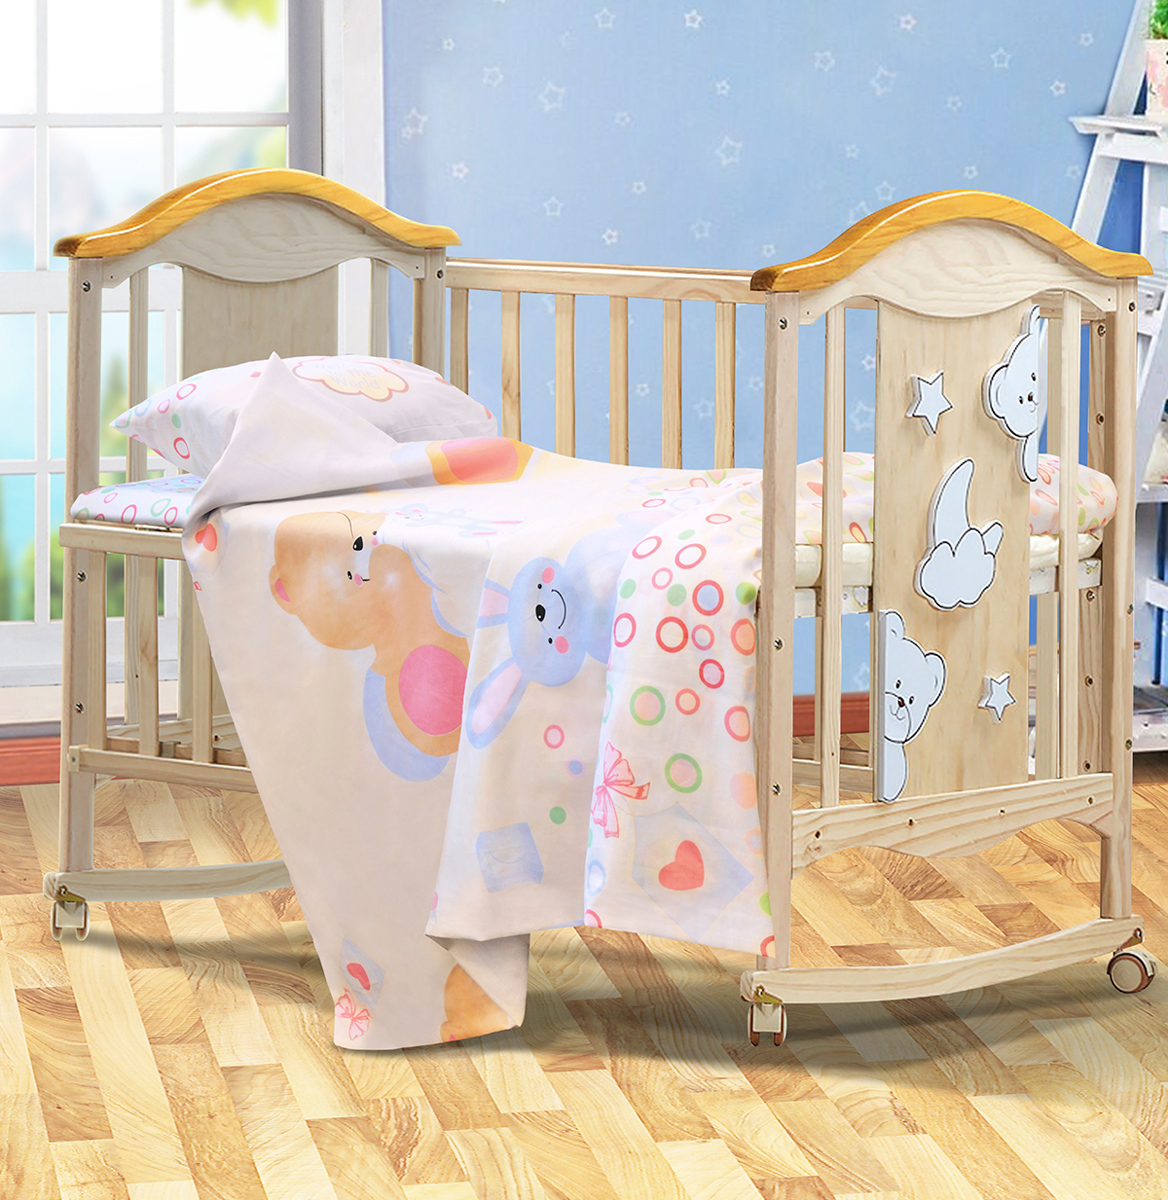 Комплект белья детский Bonne Fee Мишка, на резинкеОЗКБПД-1,5/32Комплект белья детский Bonne Fee «Мишка» идеально подойдет для новорожденных. Он выполнен из качественного сатина. Благодаря высокомукачеству производства комплект не раздражает чувствительную кожу крохи, в течение длительного времени сохраняет свою первоначальнуюяркость и цвет, легко стирается и без труда гладится.